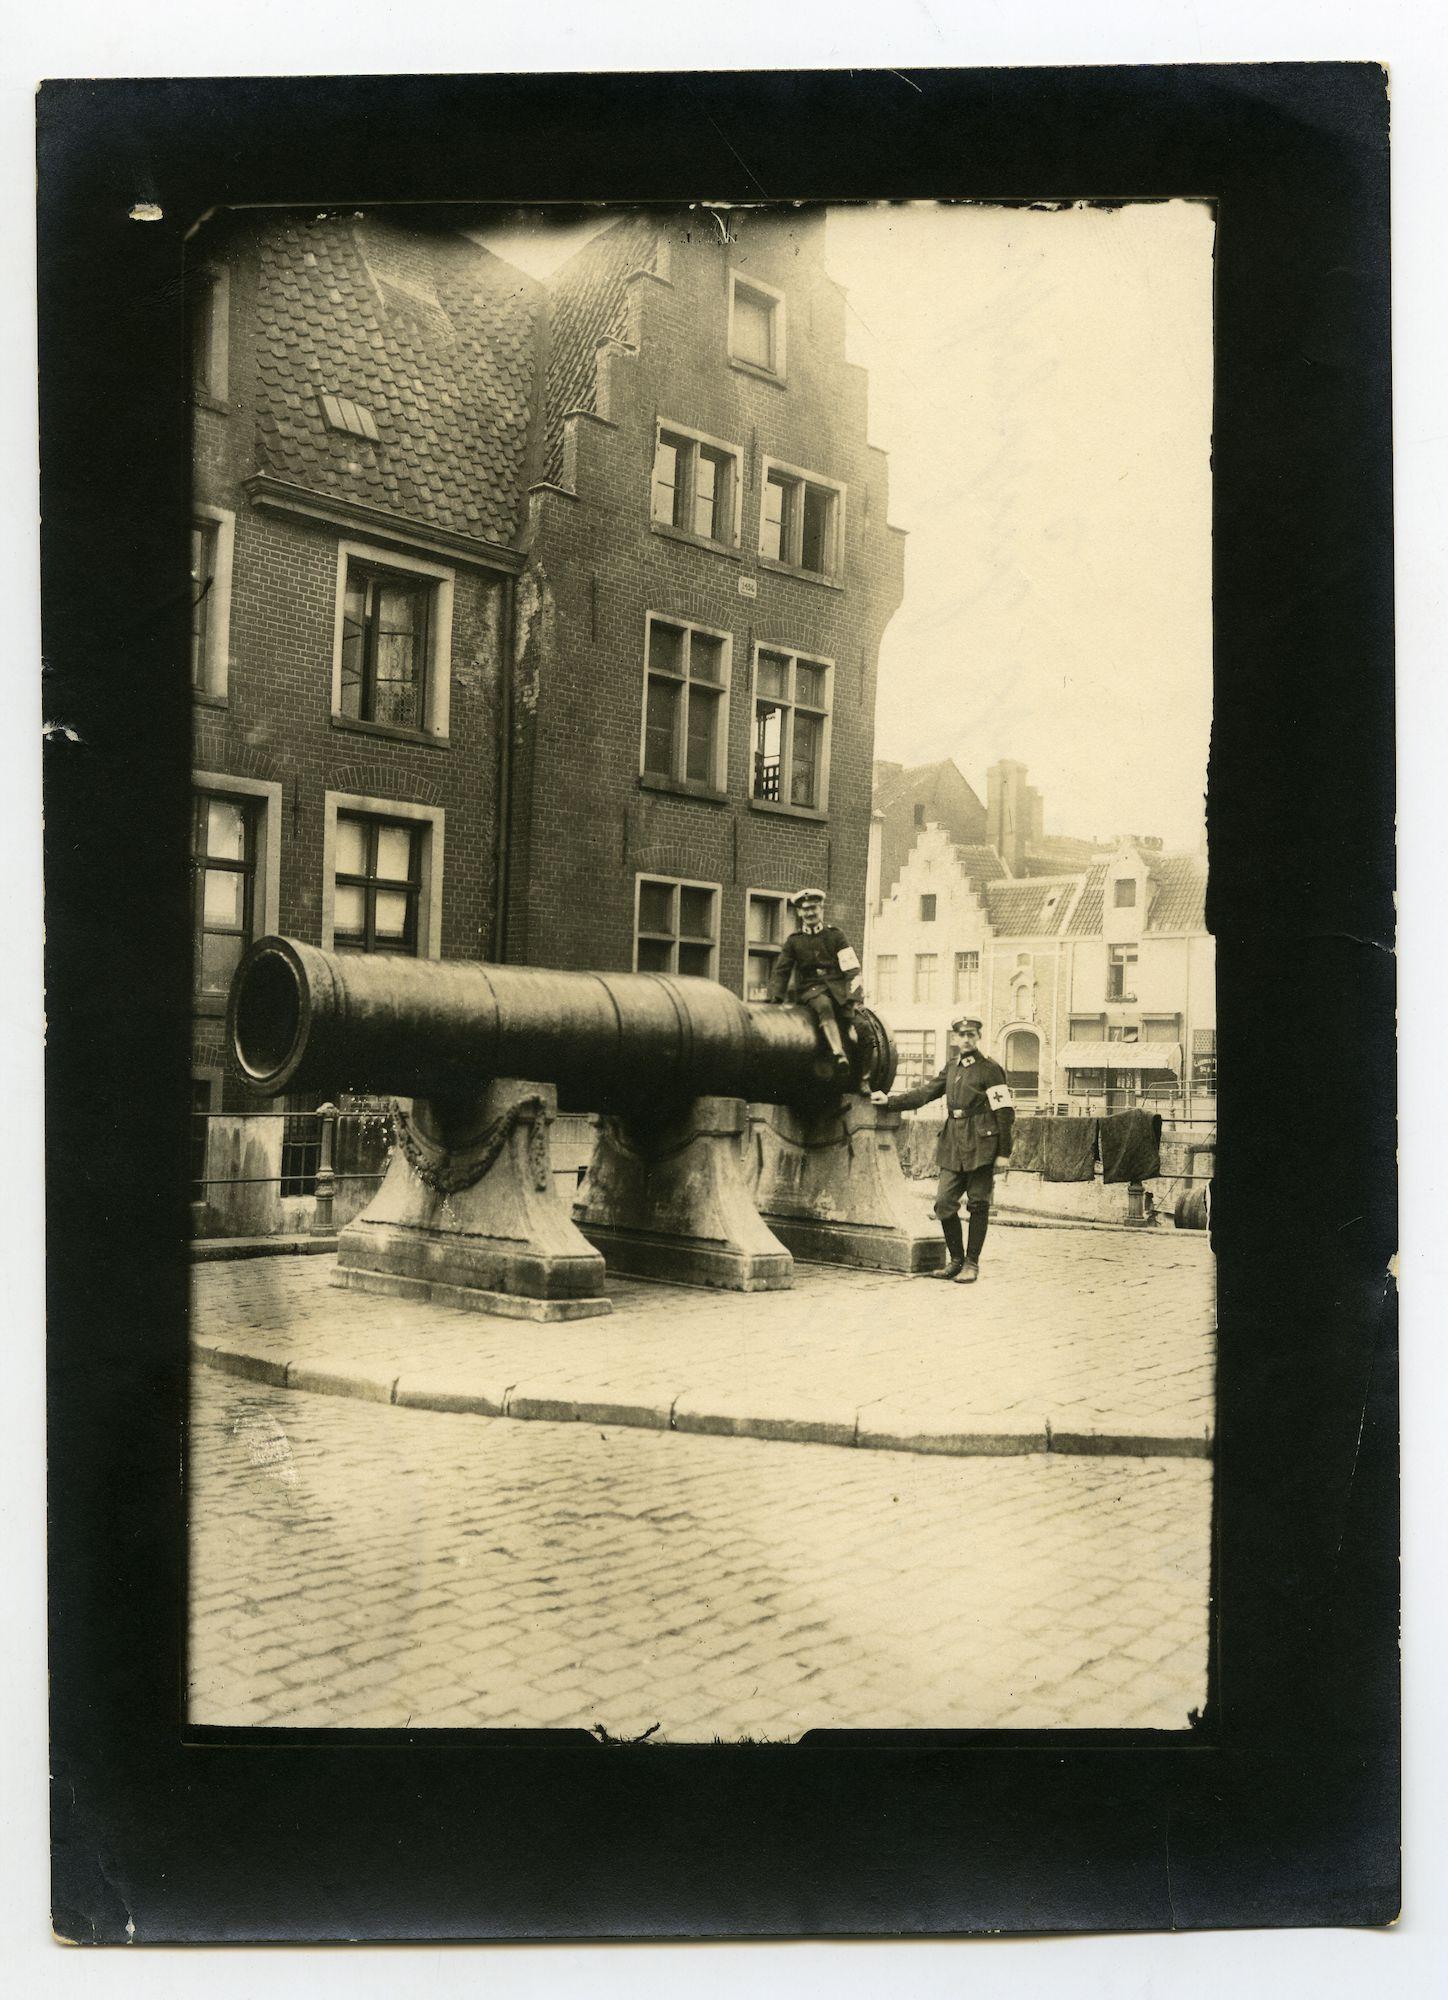 Gent: Grootkanonplein: kanon Dulle Griet, 1915-1916